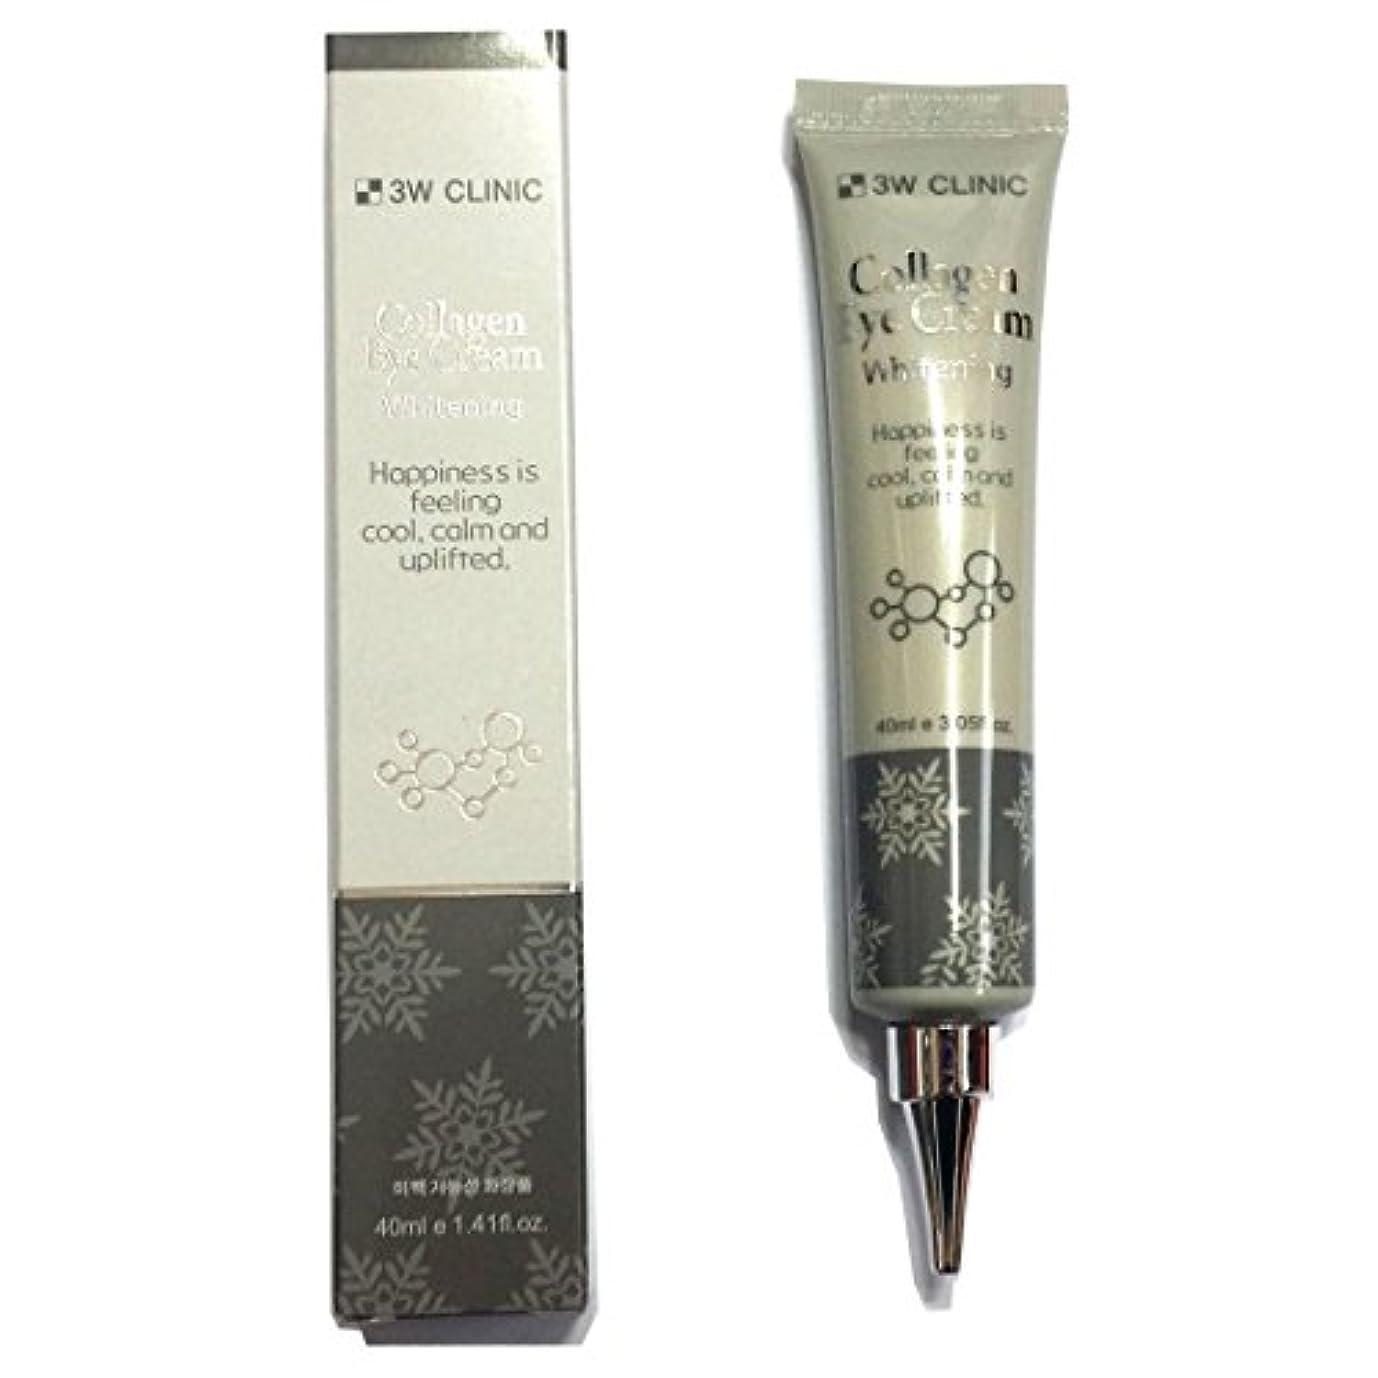 許可うつクリープ[3W CLINIC] コラーゲンアイクリームホワイトニング40ml X 1ea / Collagen Eye Cream Whitening 40ml X 1ea / しっとりしっとり / Anti wrinkles,...